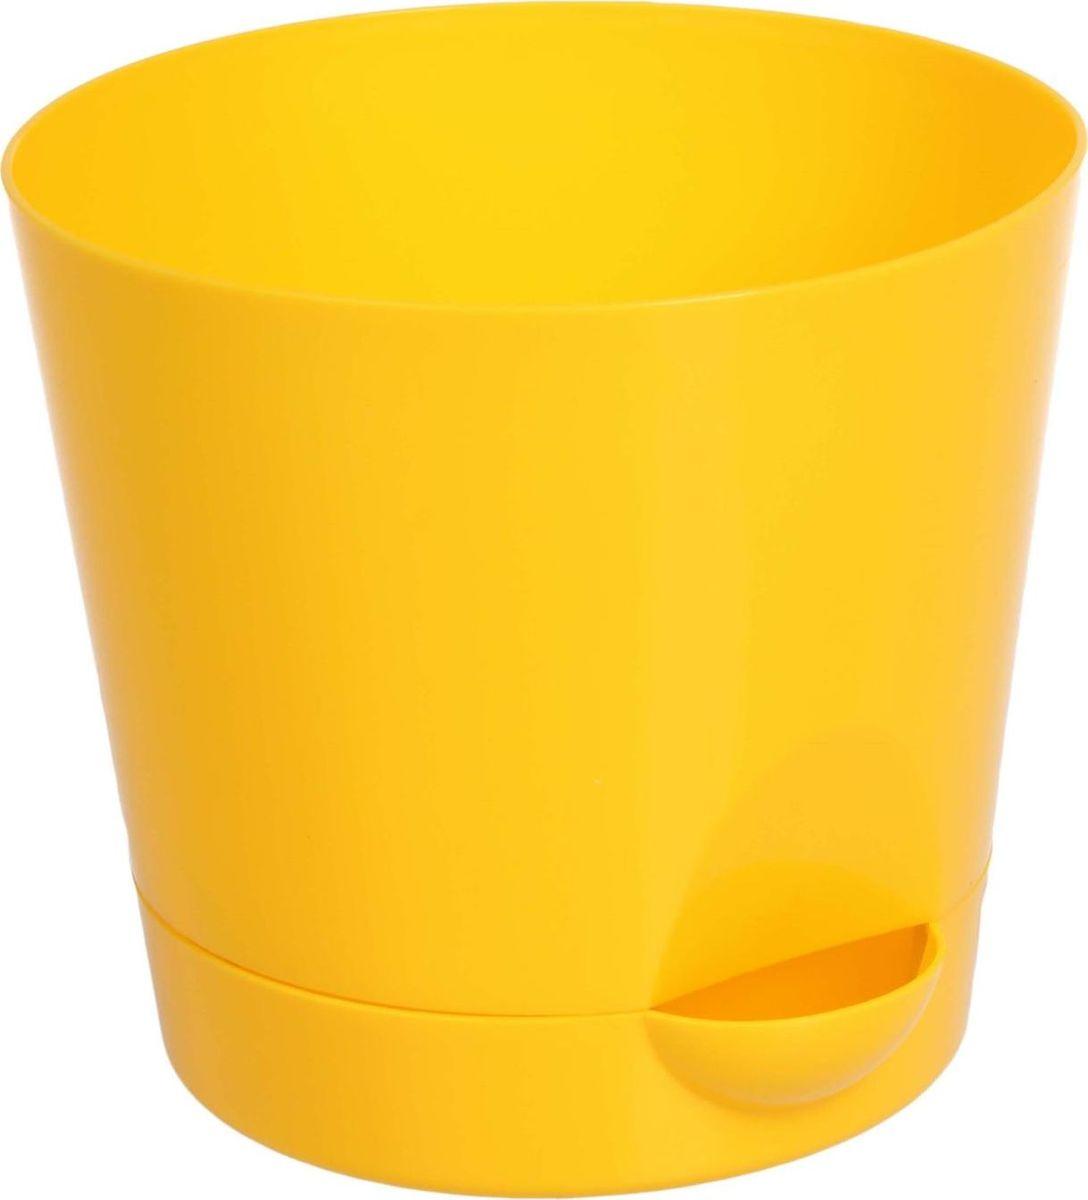 Кашпо Idea Ника, с прикорневым поливом, с поддоном, цвет: желтый, 1,6 л горшок ника гортензия d12см 0 8л с прикорневым поливом